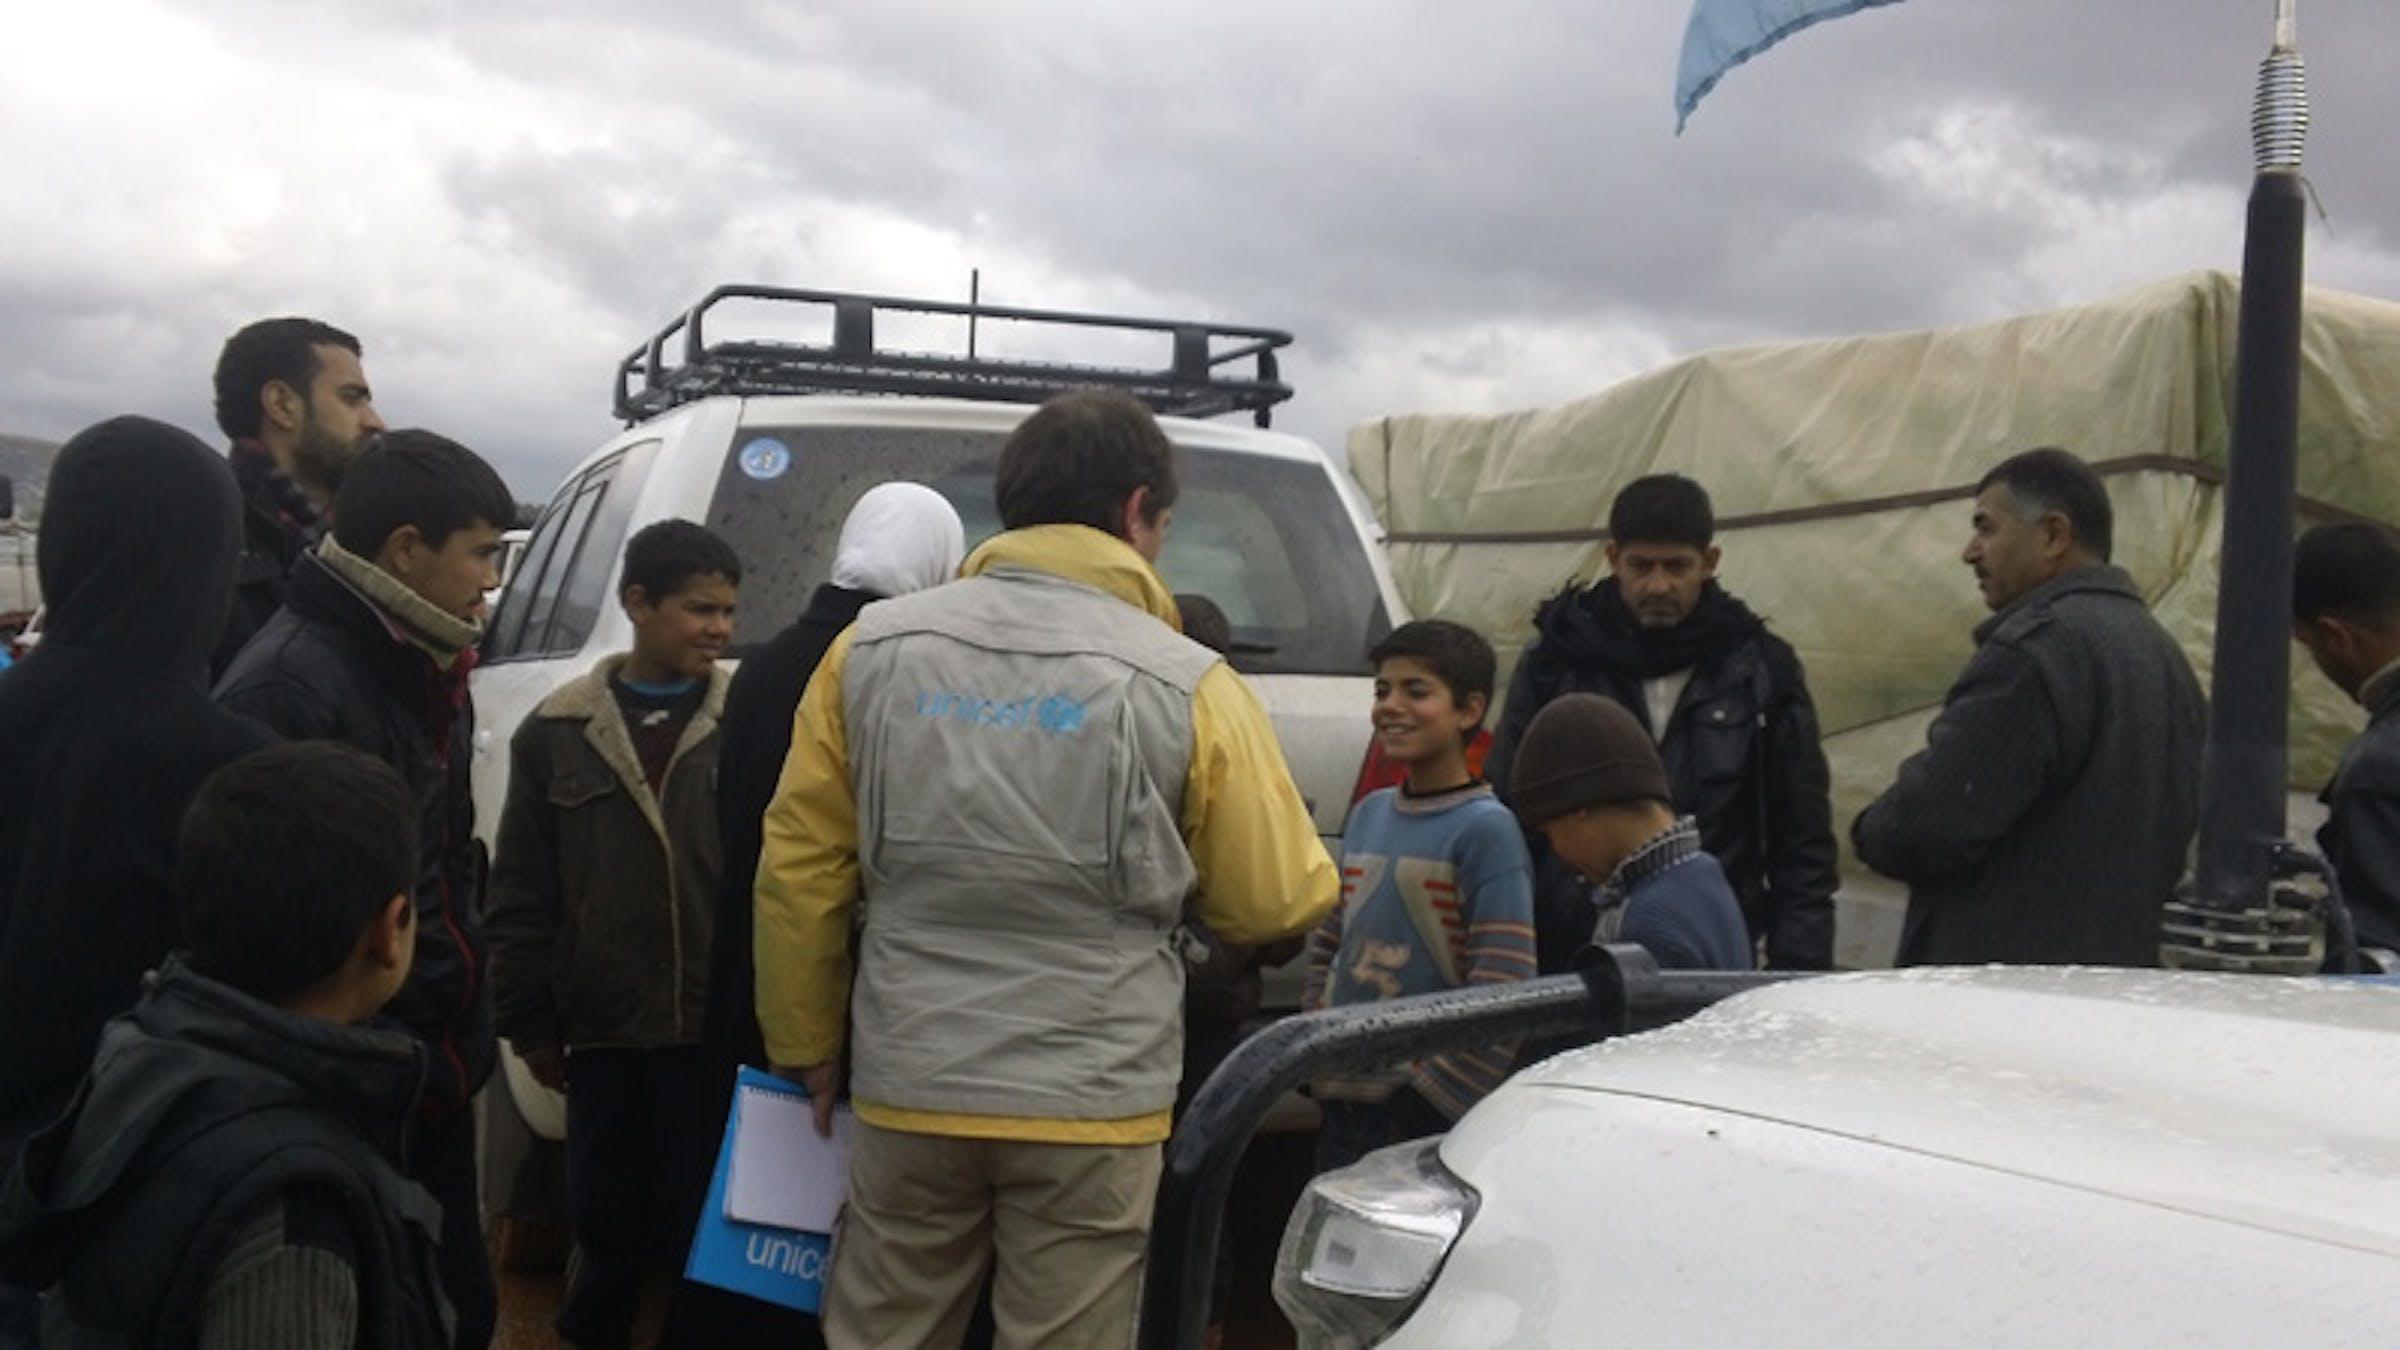 L'arrivo di un carico UNICEF di abiti invernali, pannolini e altri beni per l'infanzia nel campo per sfollati di Karameh (Siria) - ©UNICEF Siria/2013/Bastien Vigneau